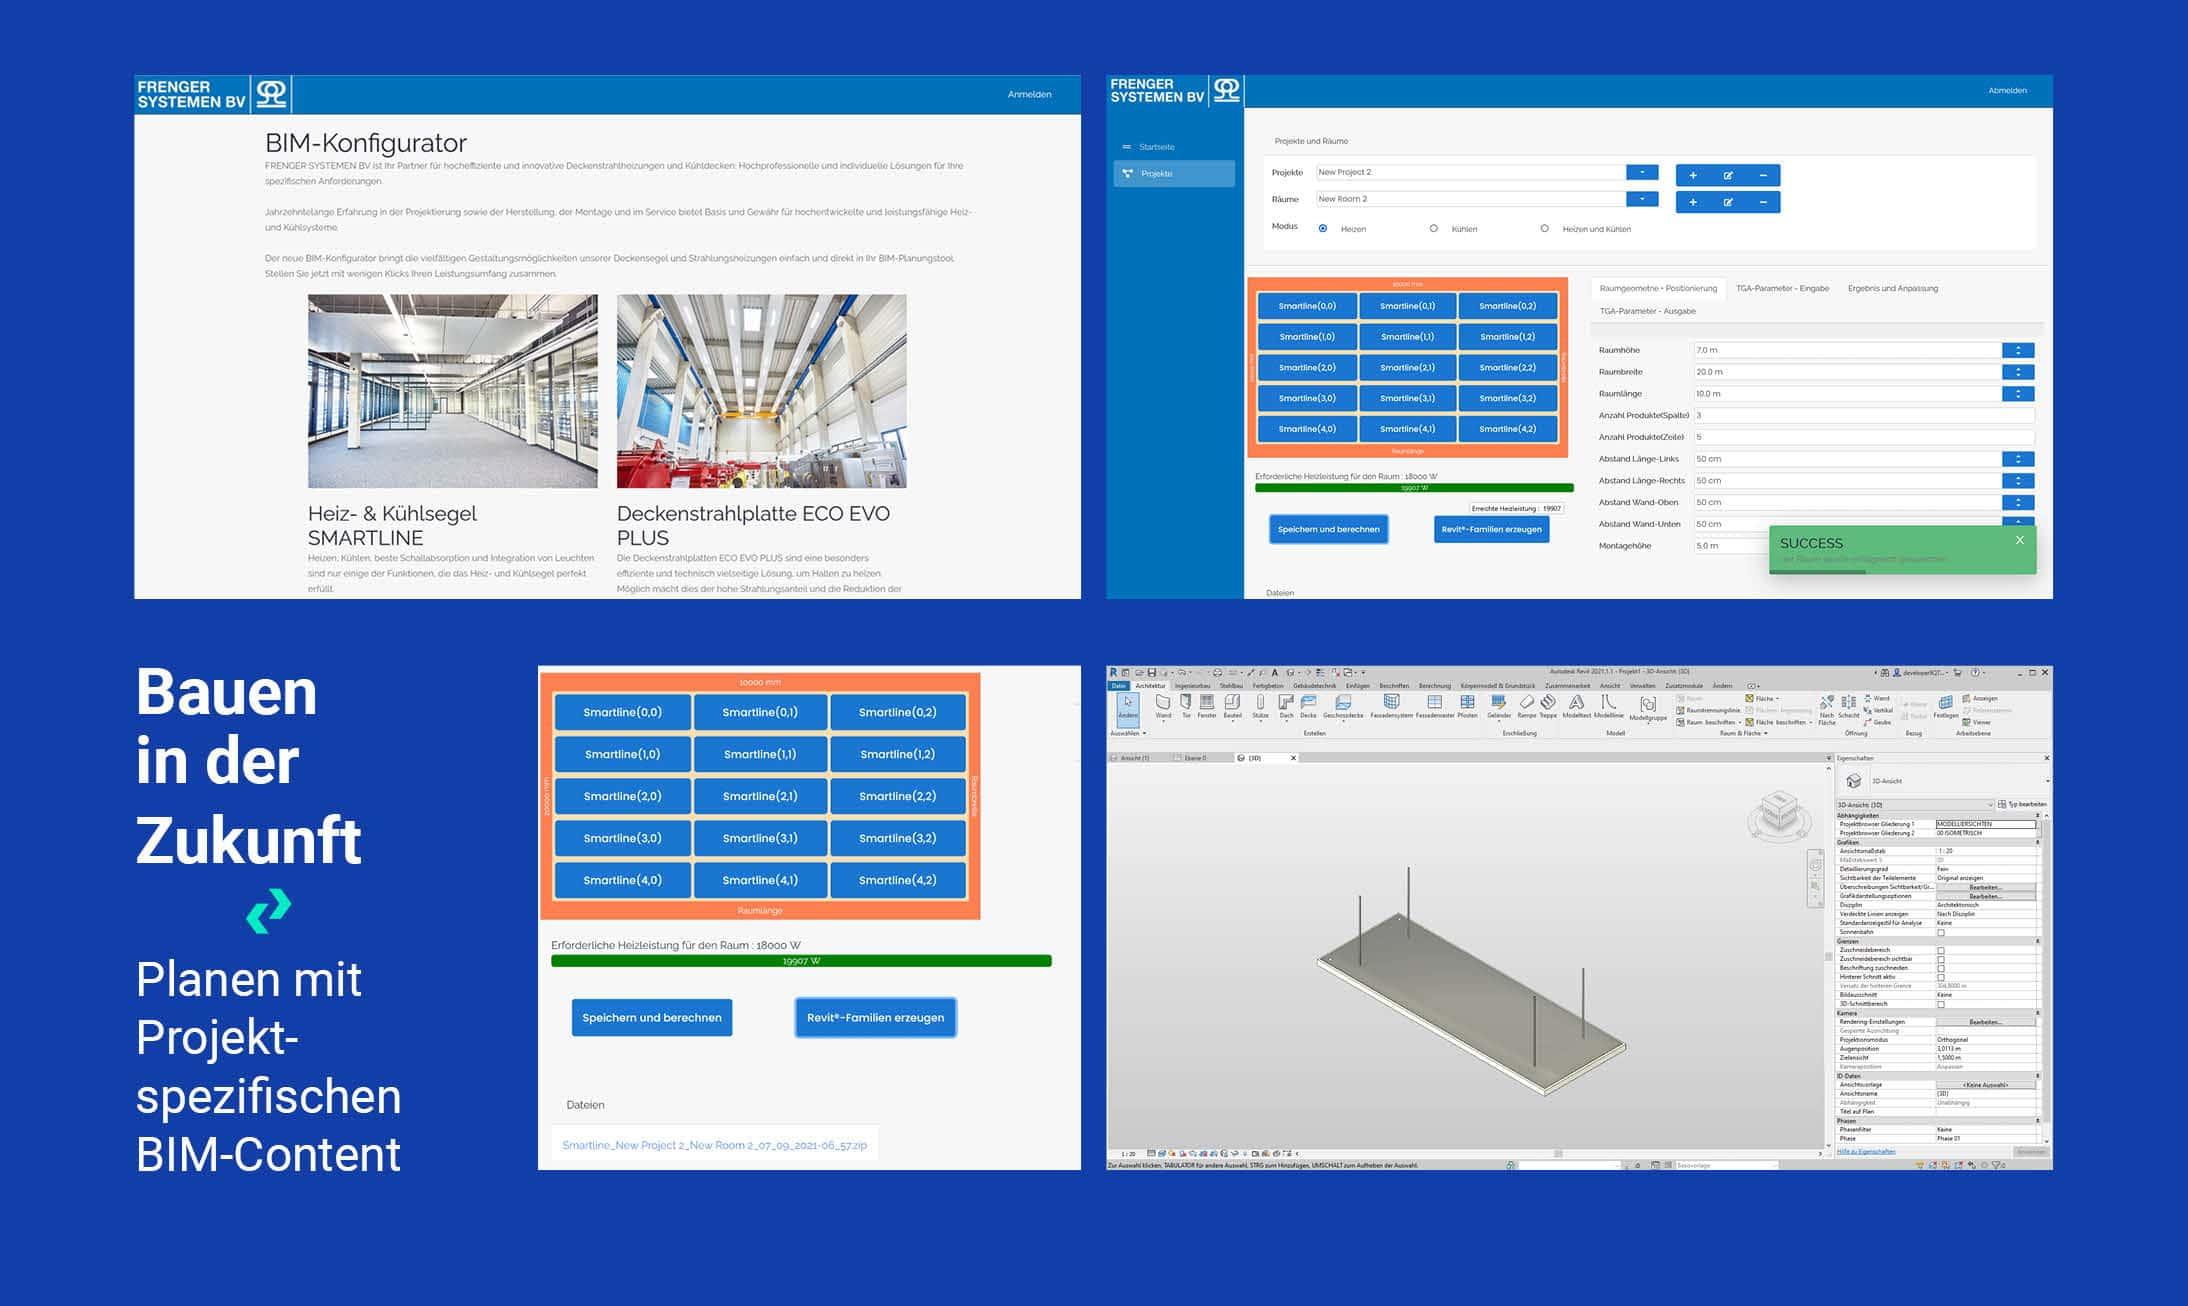 Frenger BIM-Konfigurator - Planen mit Projekt-spezifischen BIM-Content